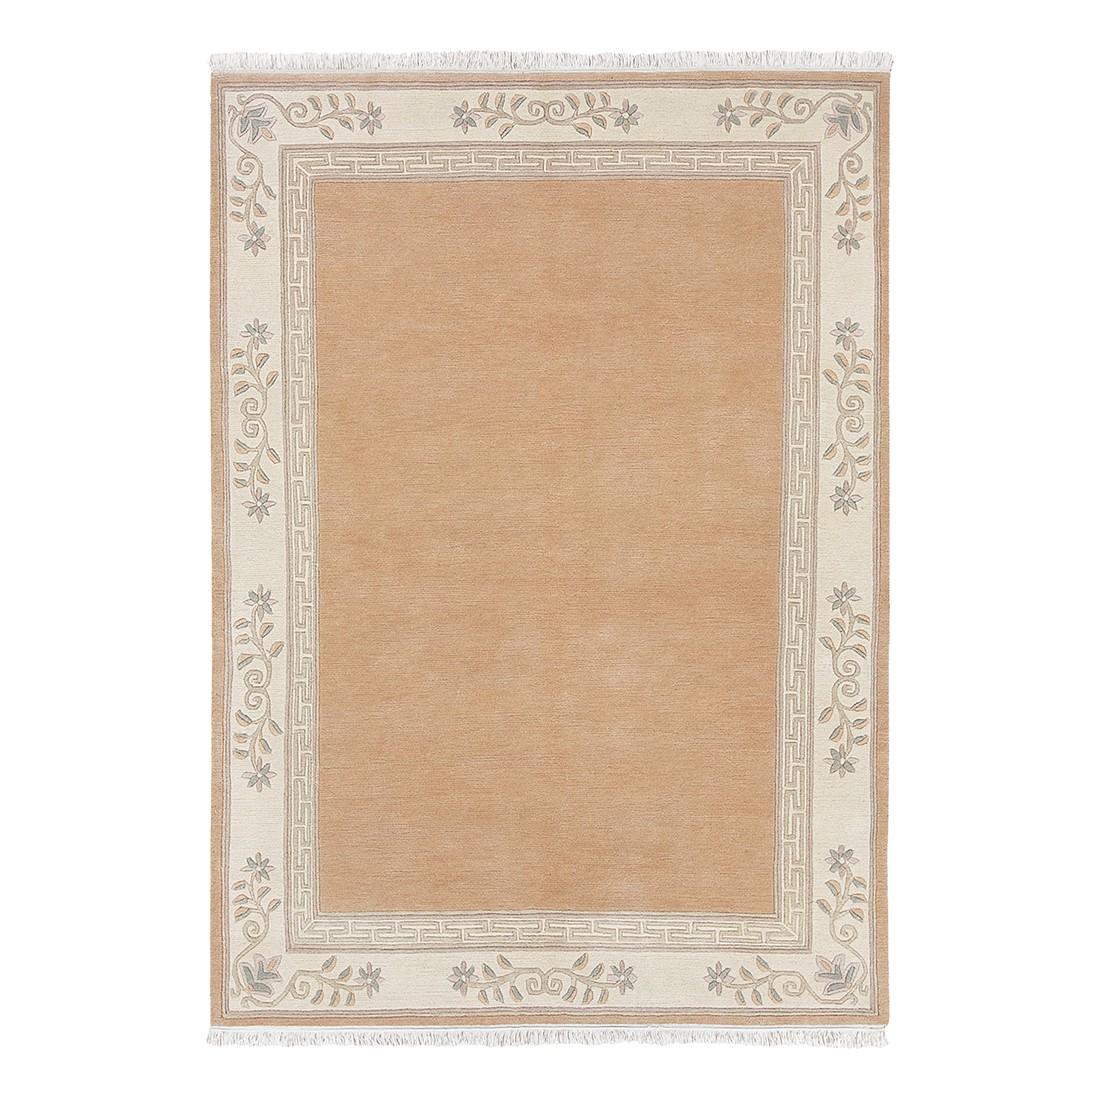 Teppich Floral – Apricot – 90 x 160 cm, Luxor living günstig kaufen